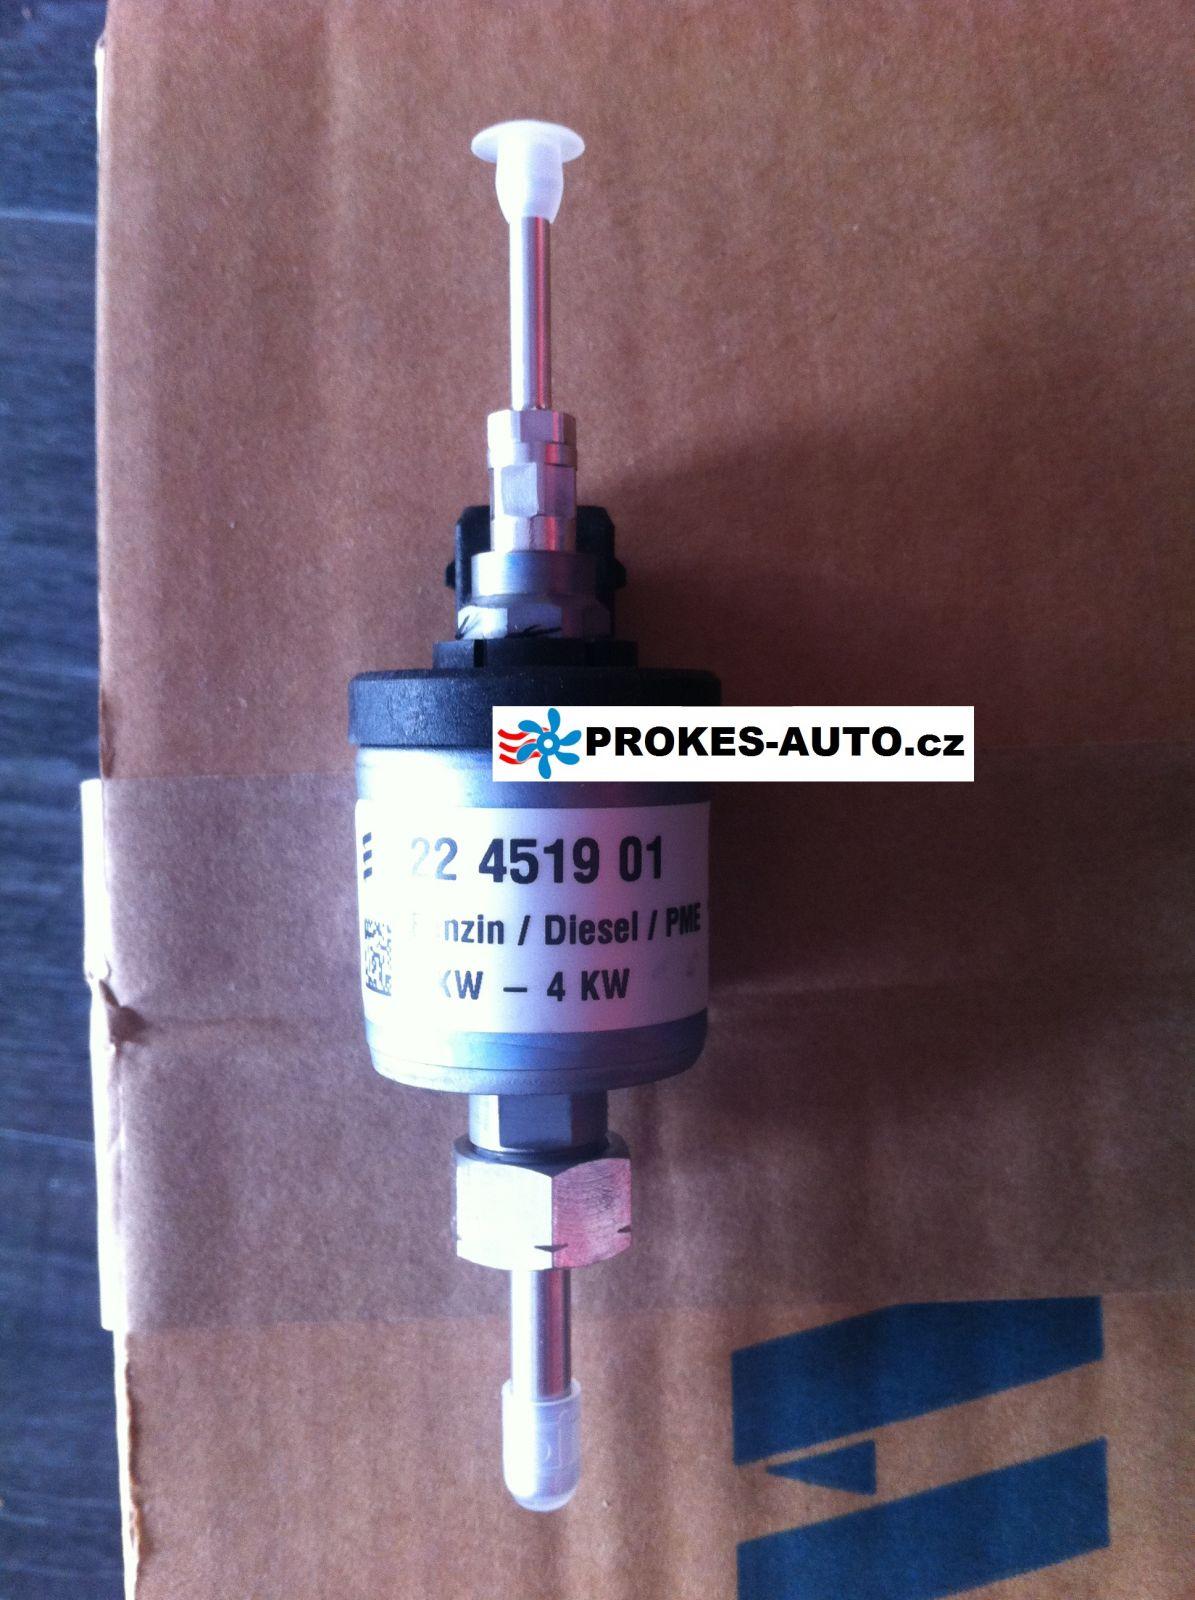 Eberspächer Fuel dosing pump Airtronic D2 / D4 12V 224519010000 / 22451901